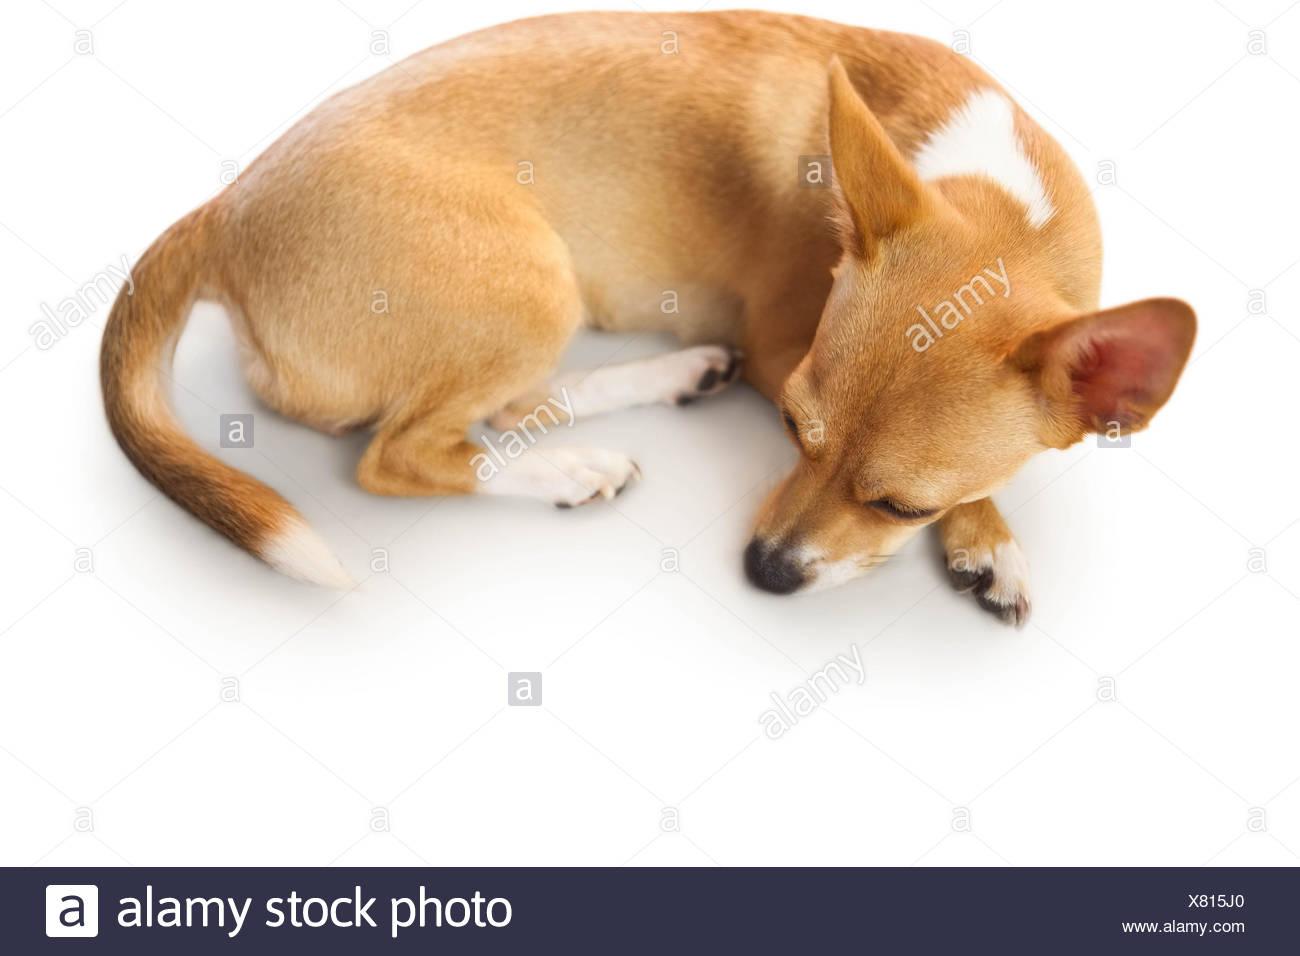 Beste Malvorlagen Von Niedlichen Hunden Fotos - Framing Malvorlagen ...